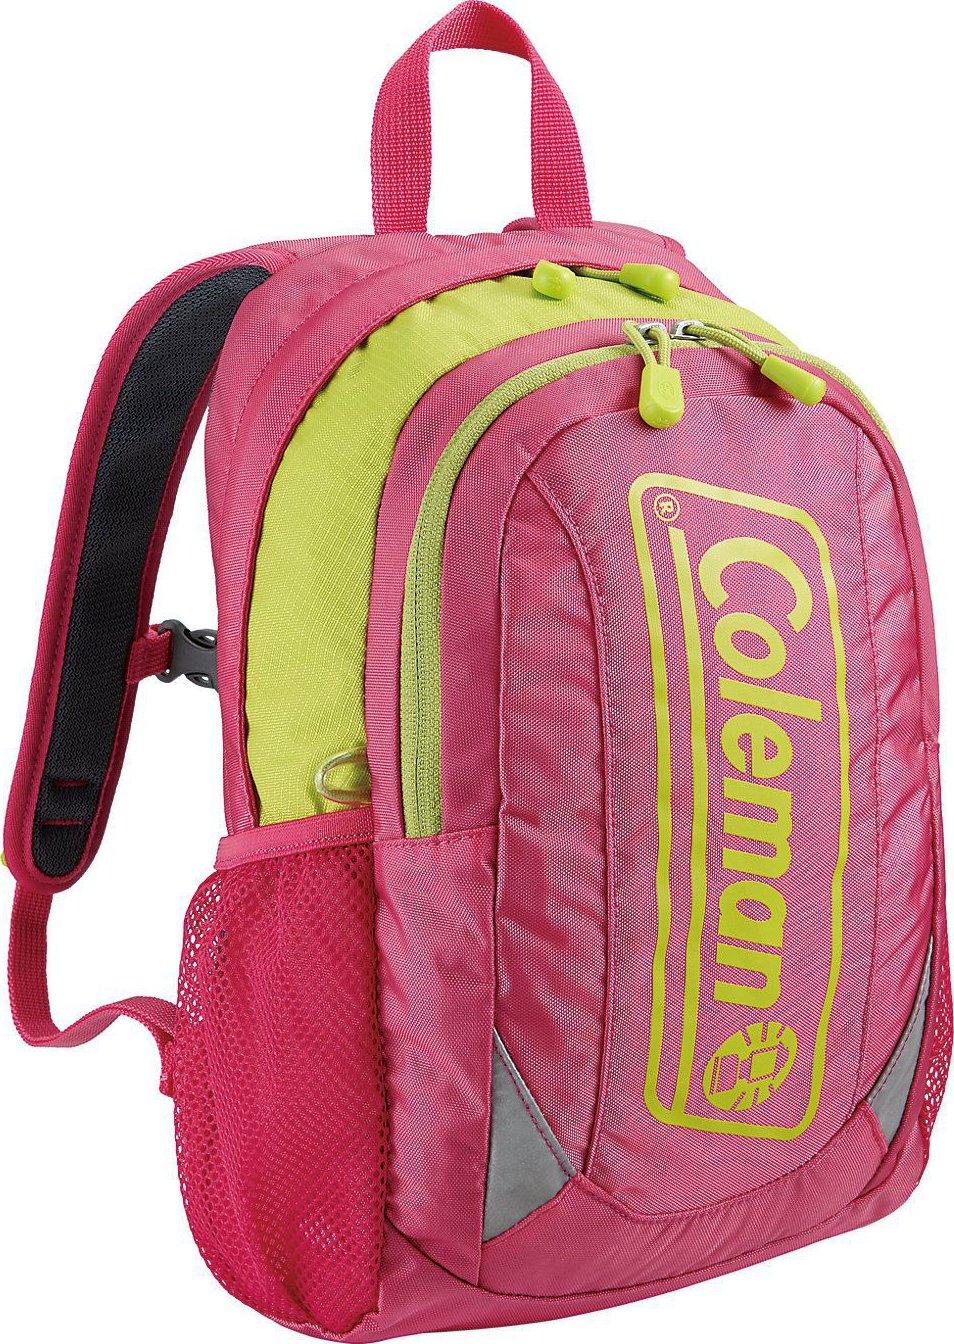 Coleman Bloom 8 od 474 Kč • Zboží.cz 60f65c5499